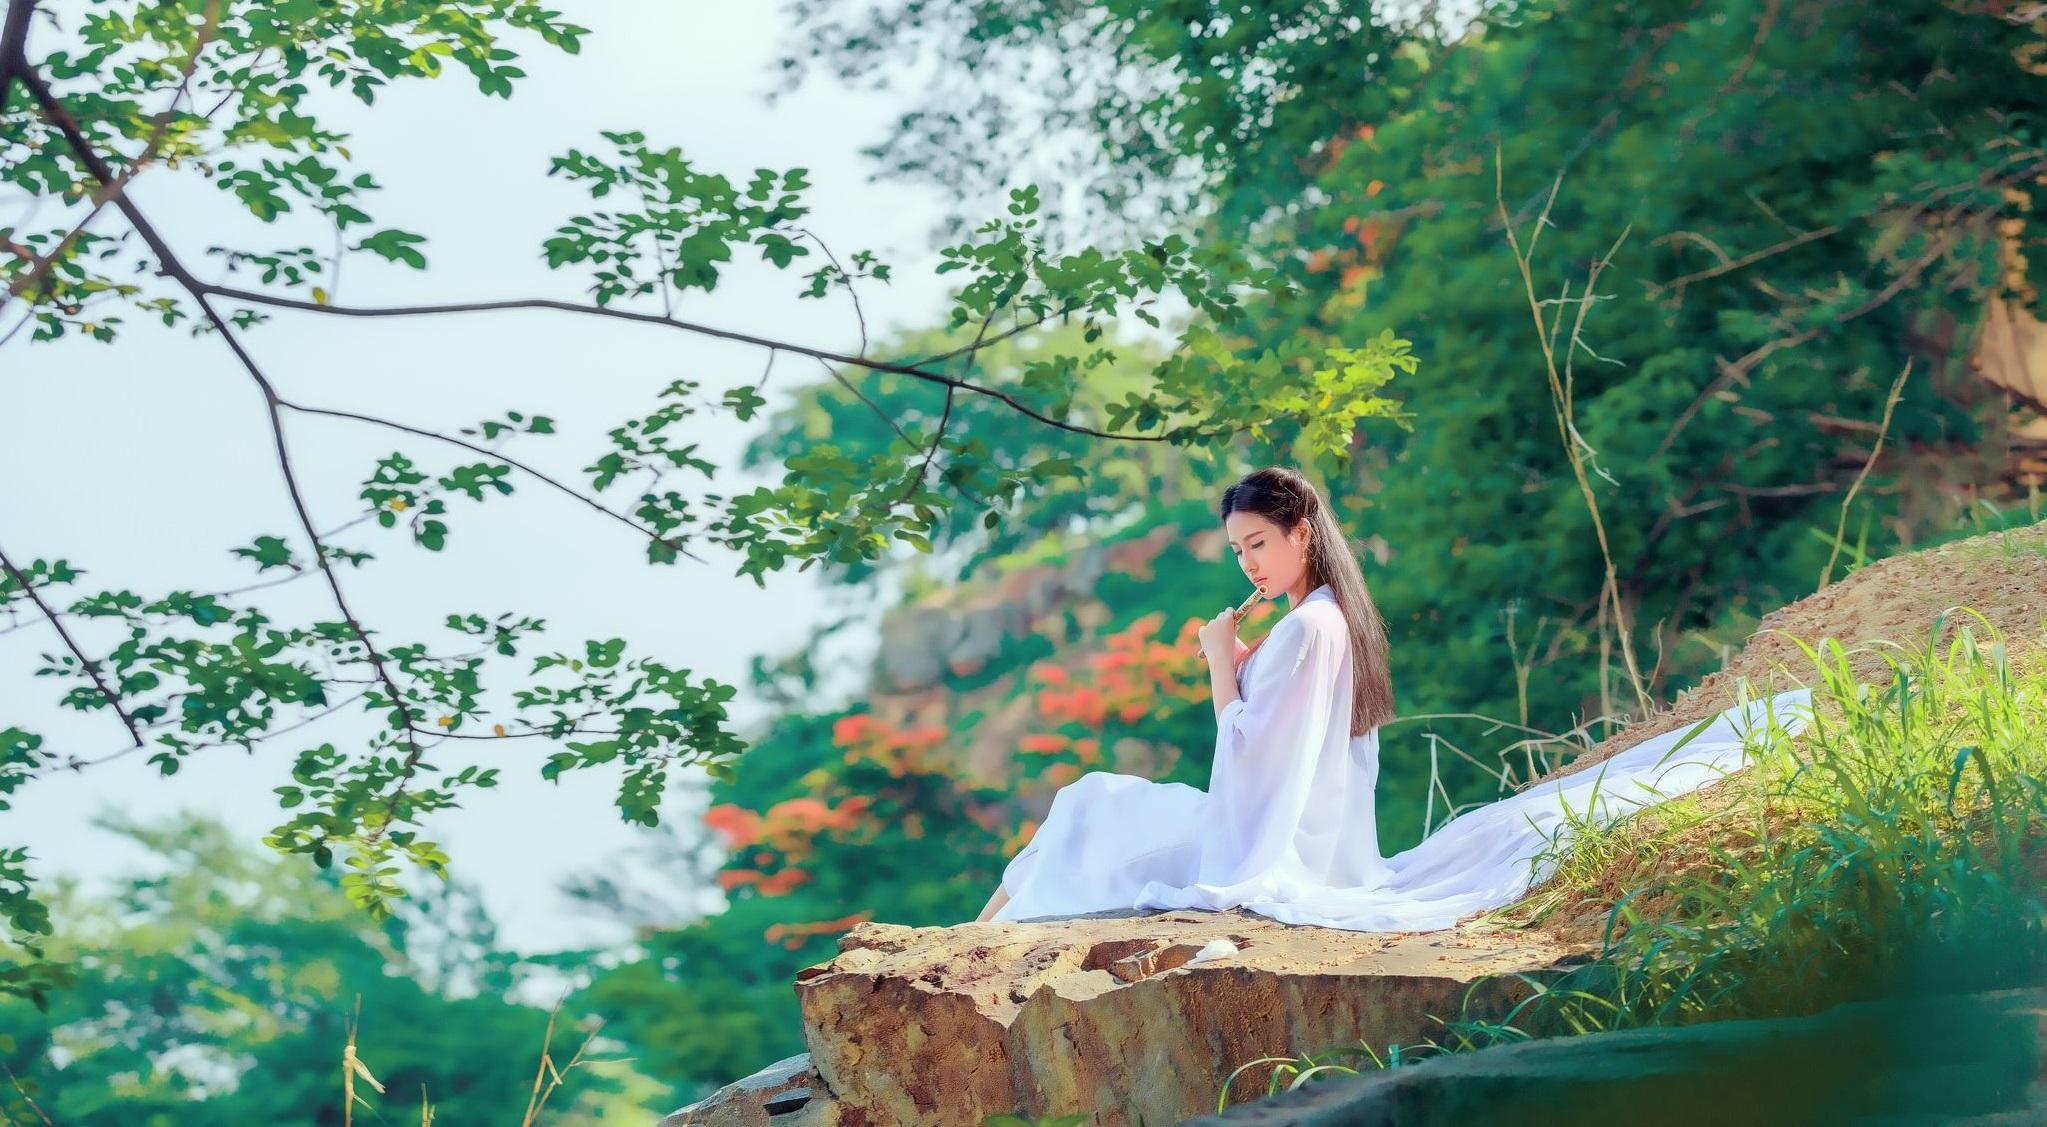 Phẩm cấp tâm hồn chính là thứ quyết định nhân cách và thành bại của đời người